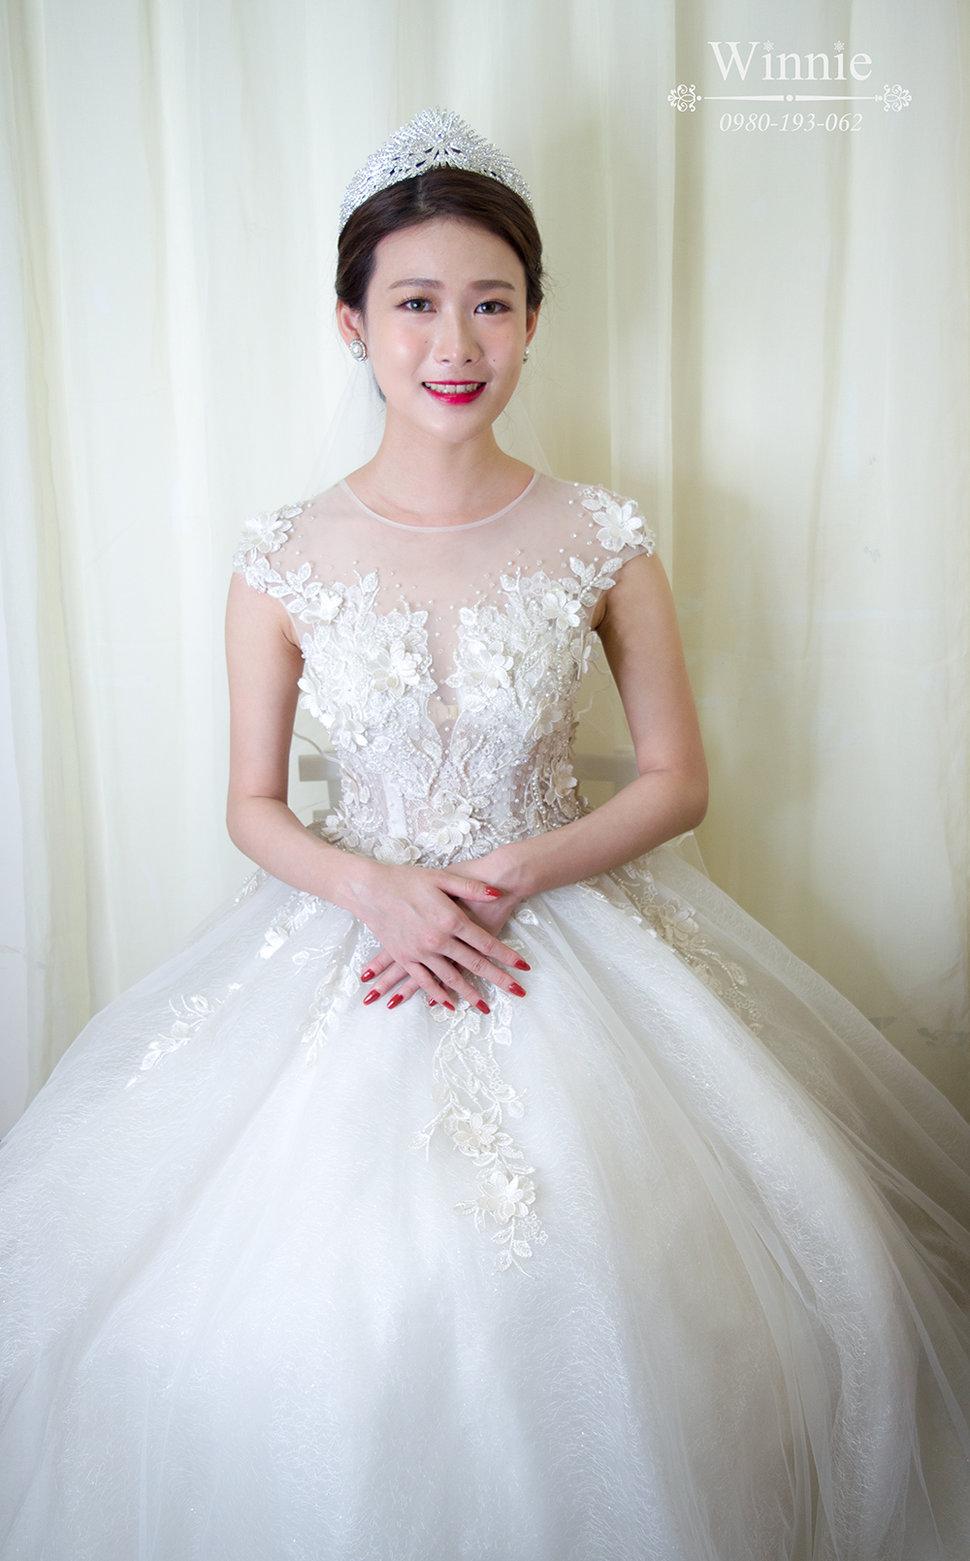 1030303-1 - Winnie白色時尚城堡新娘秘書《結婚吧》